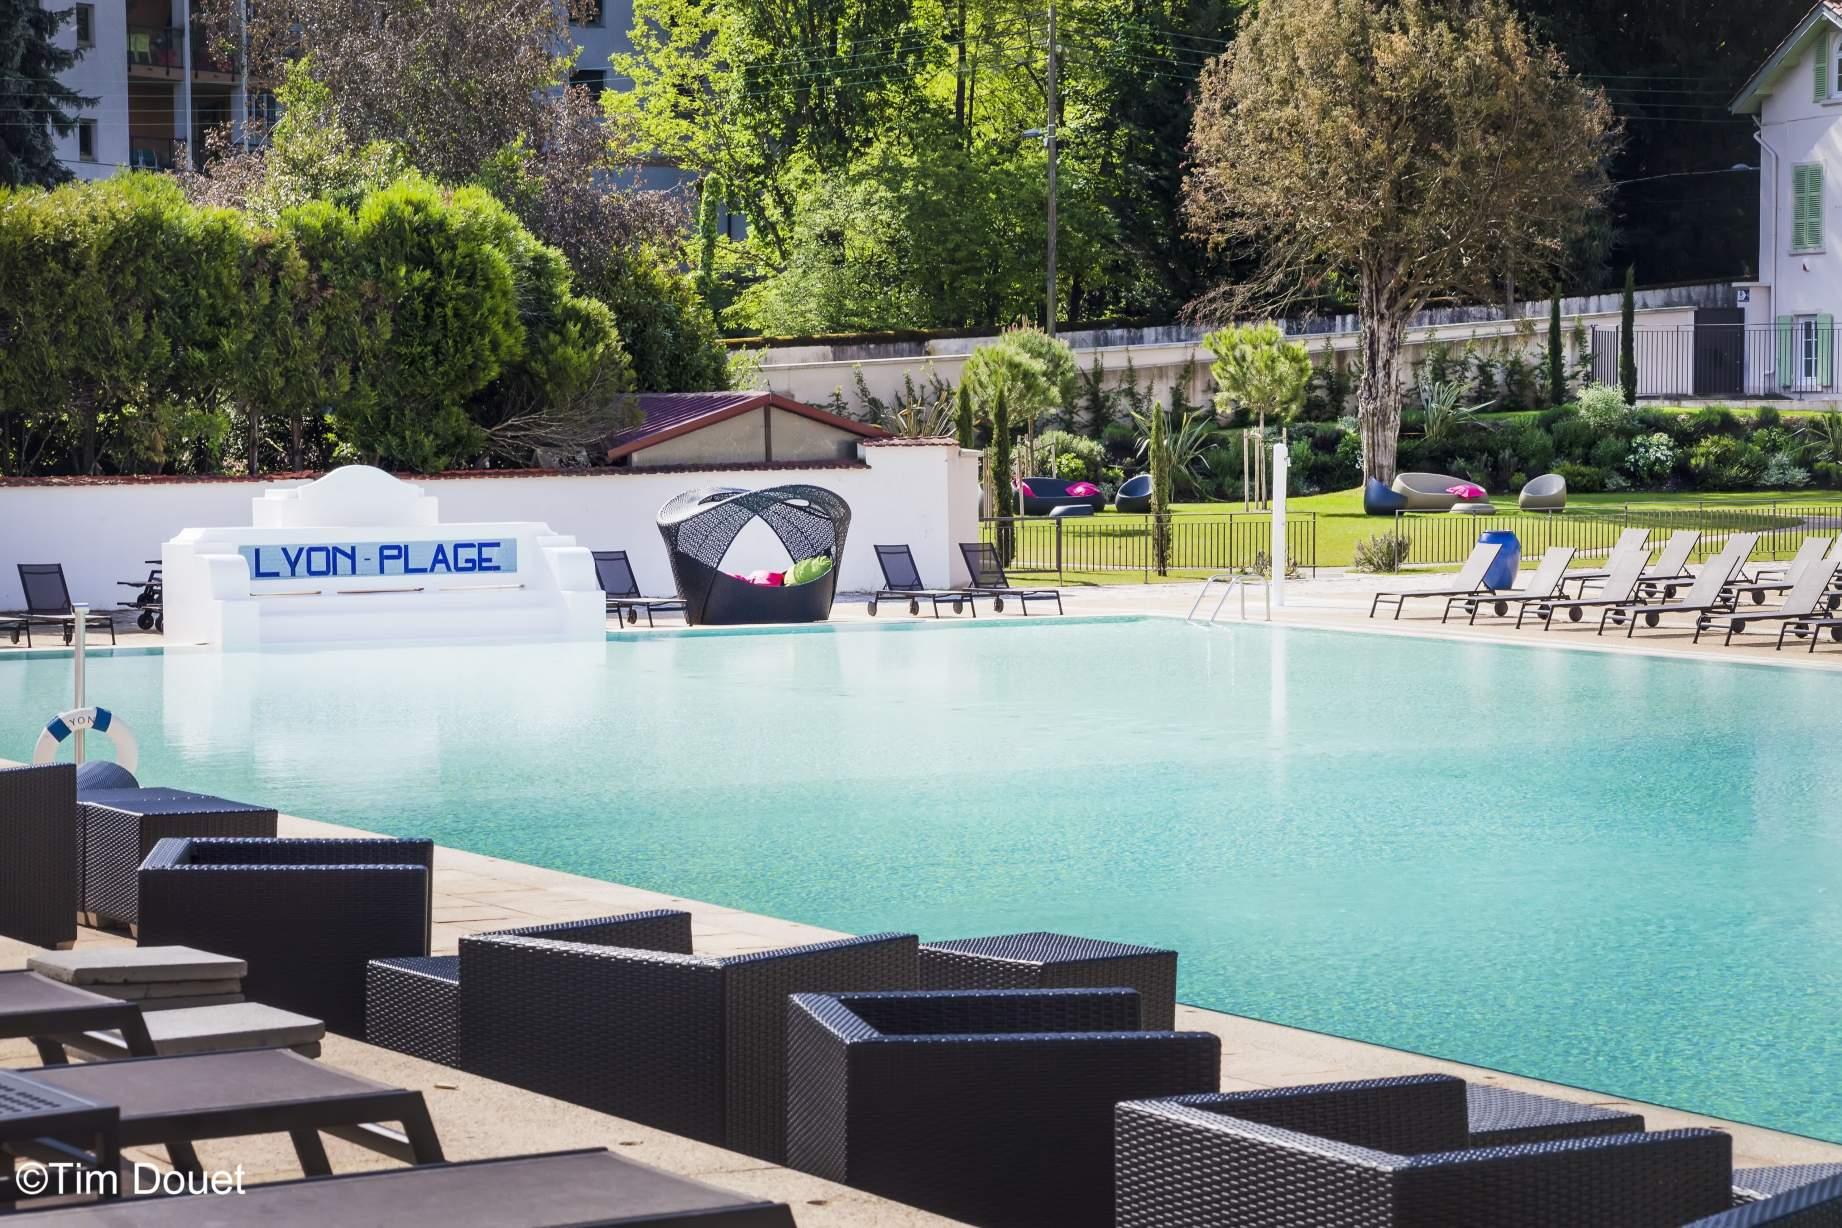 Espace lounge ensoleillé au bord de la piscine Lyon Plage